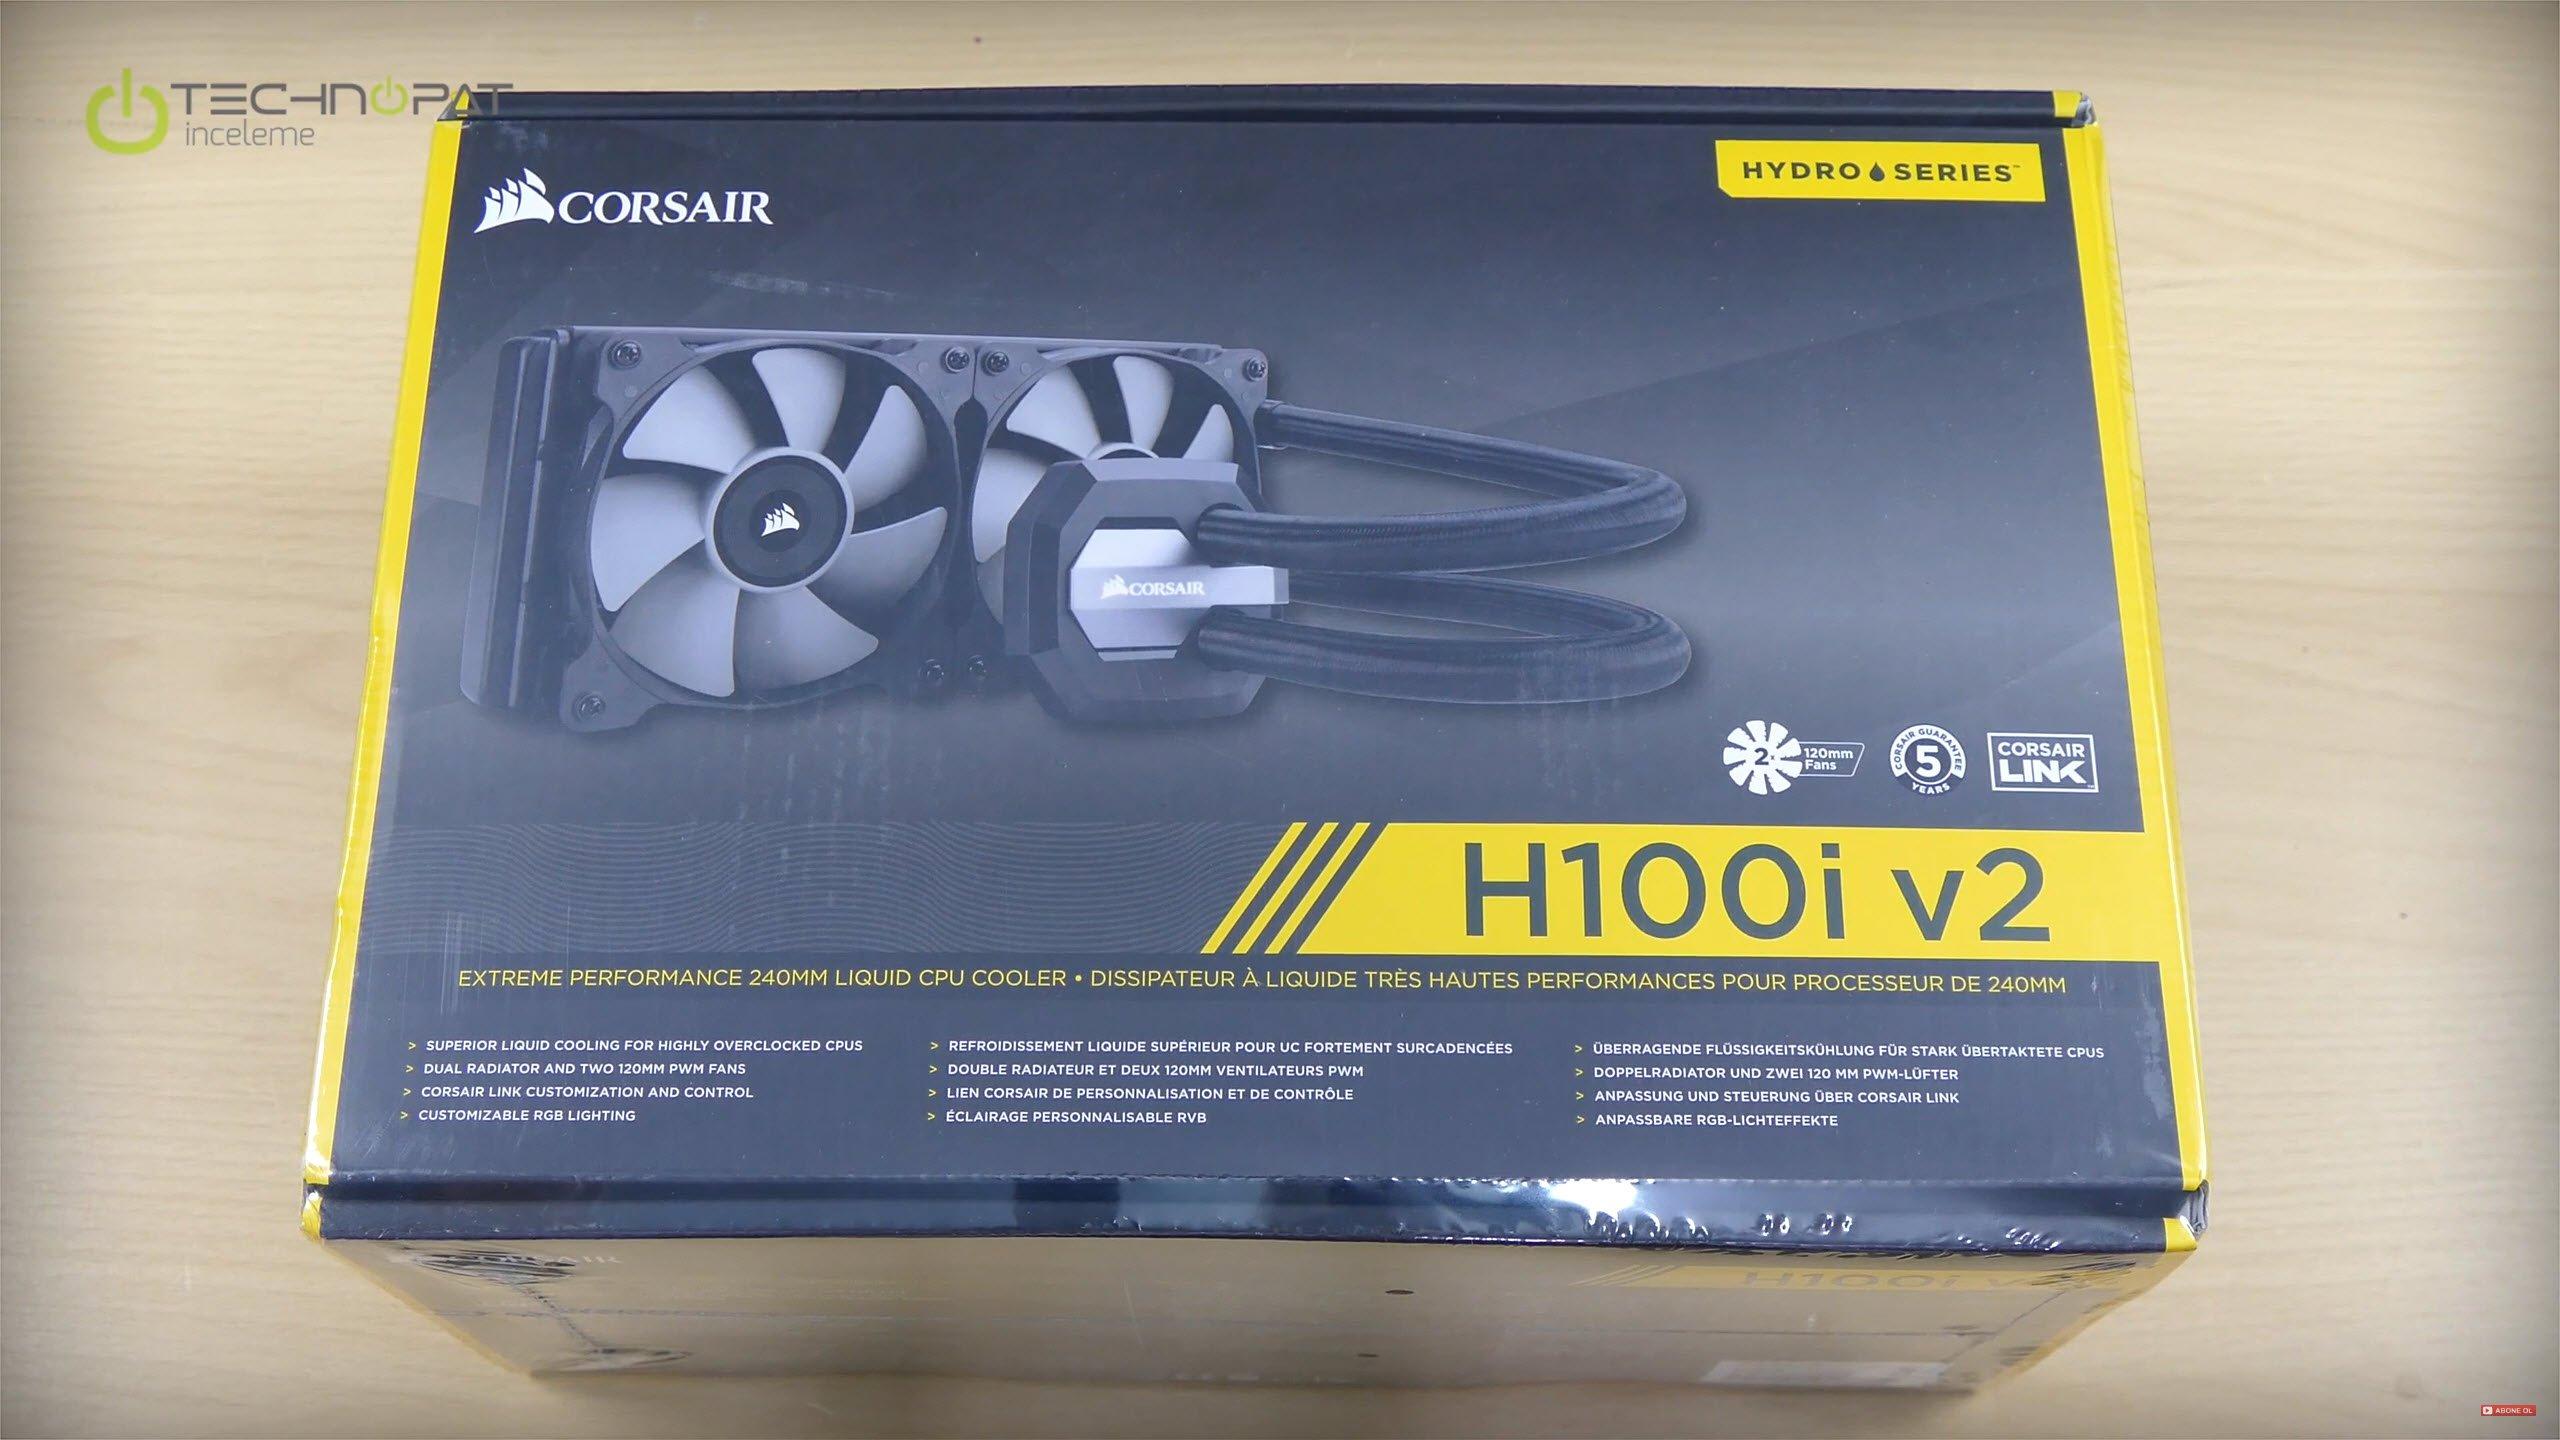 Corsair H100i V2 işlemci soğutucu: 240 mm radyatör ile sıvı işlemci soğutucu da yenilendi V2 oldu